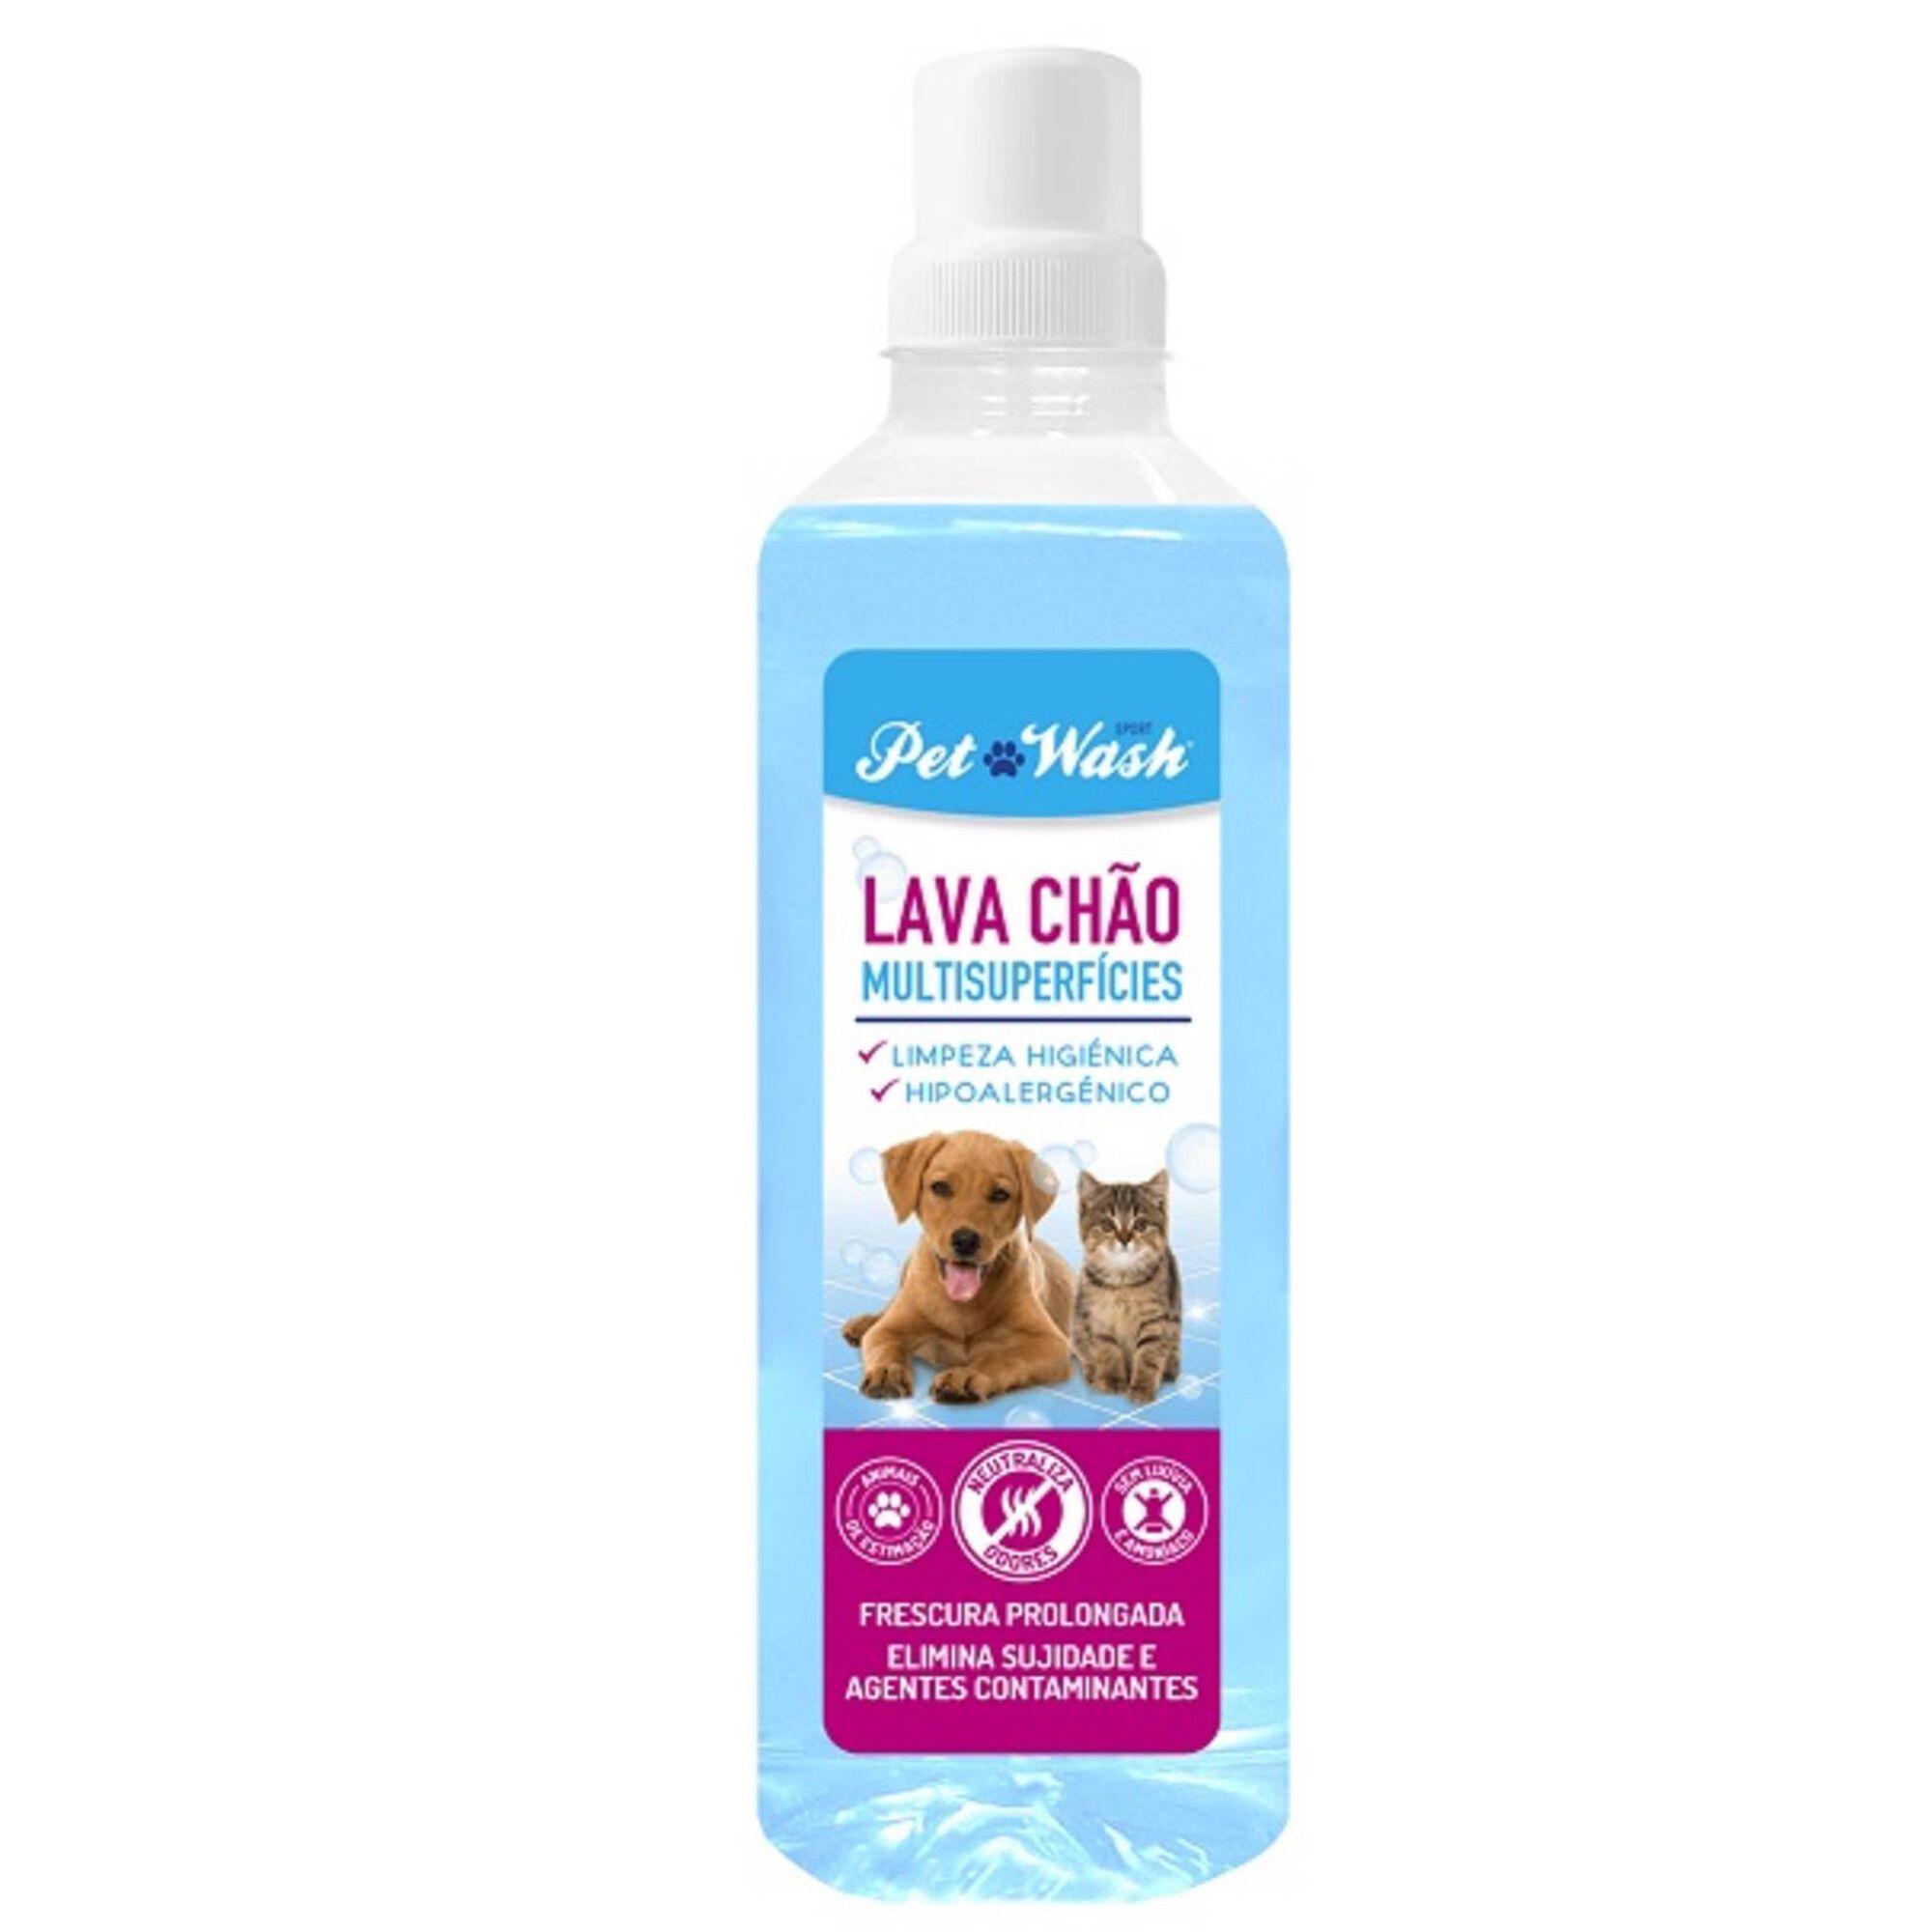 Lava Chão Cão/Gato Pet Wash Multisuperficies